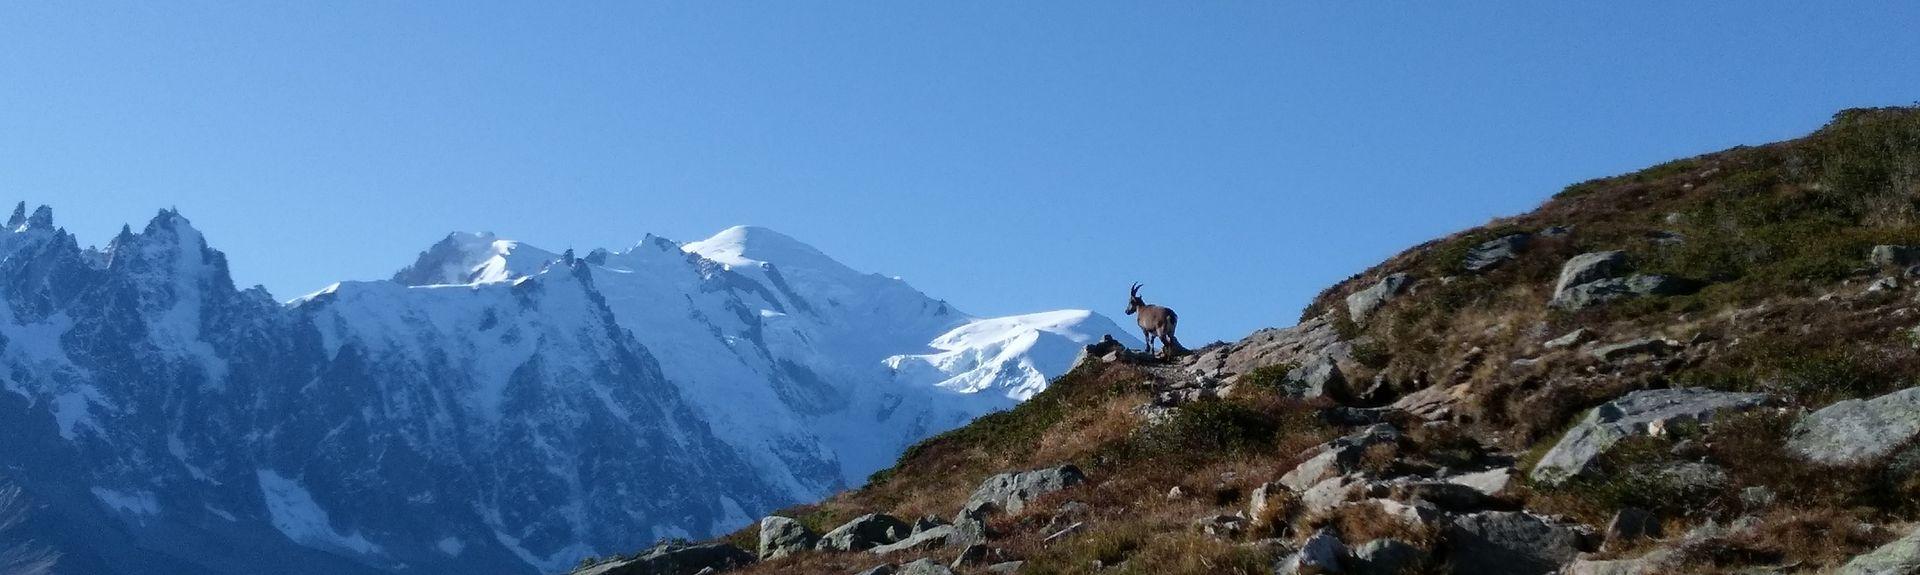 Les Carroz d'Arâches, Arâches-la-Frasse, Rhône-Alpes, France